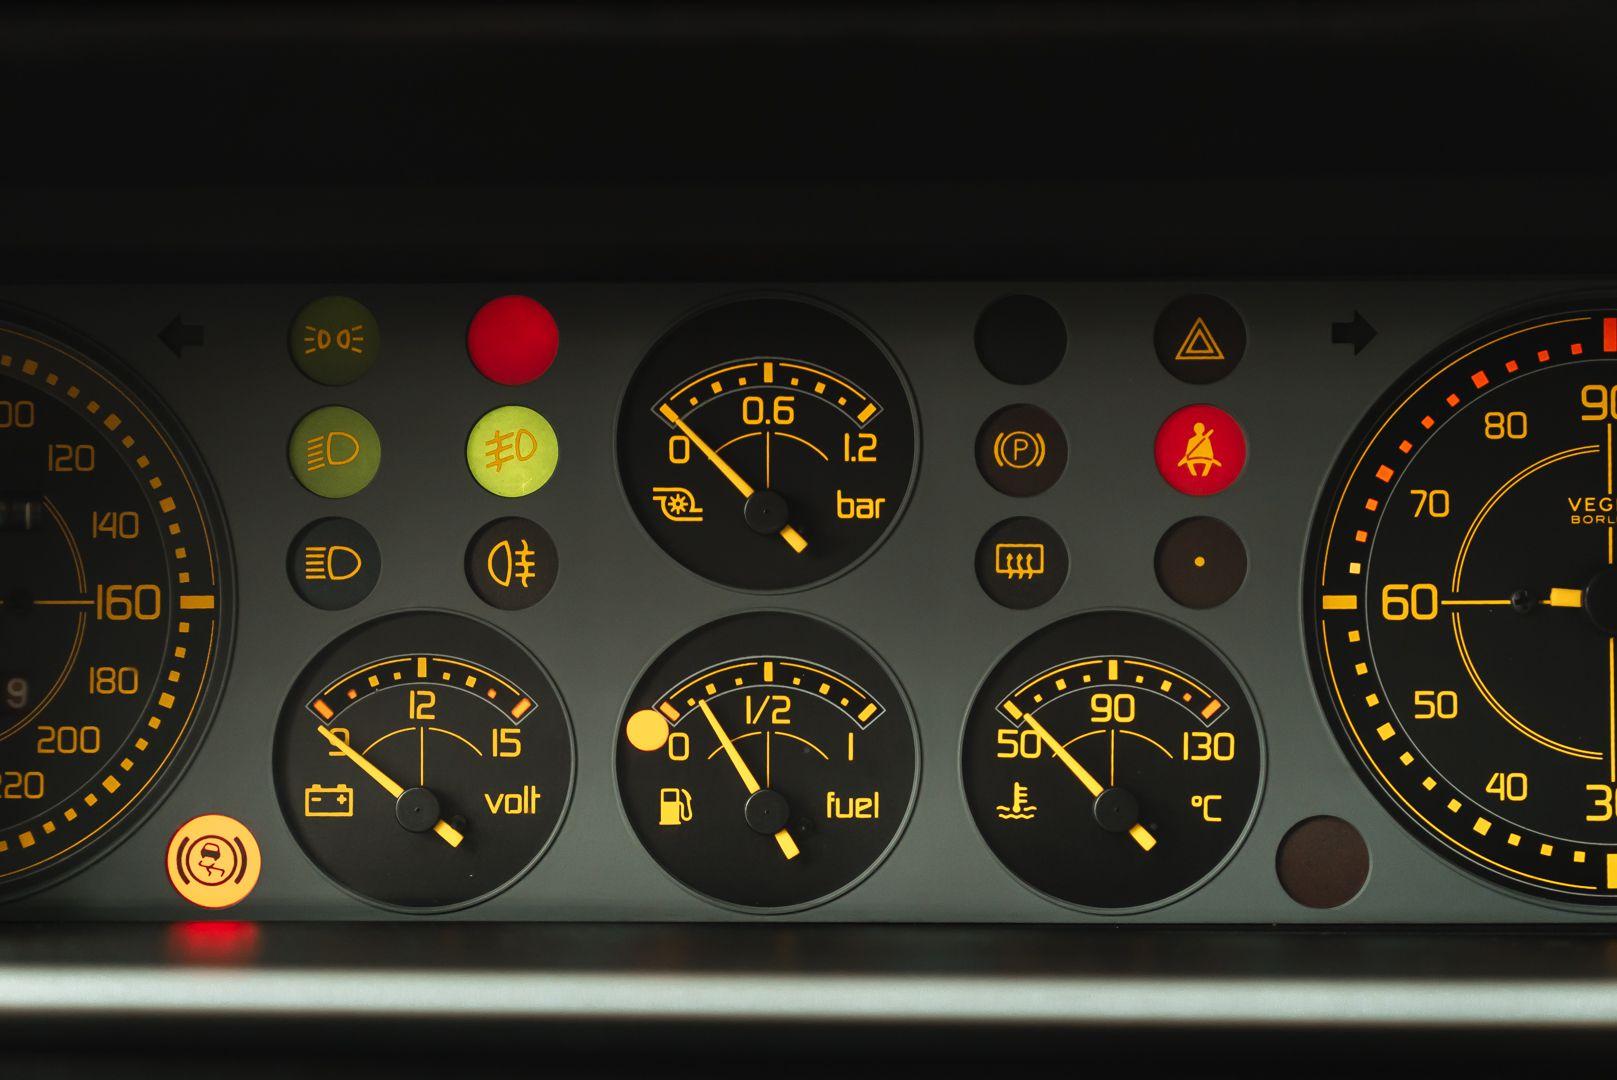 1992 Lancia Delta HF Integrale 16V Evo 1 - 79/250 84840